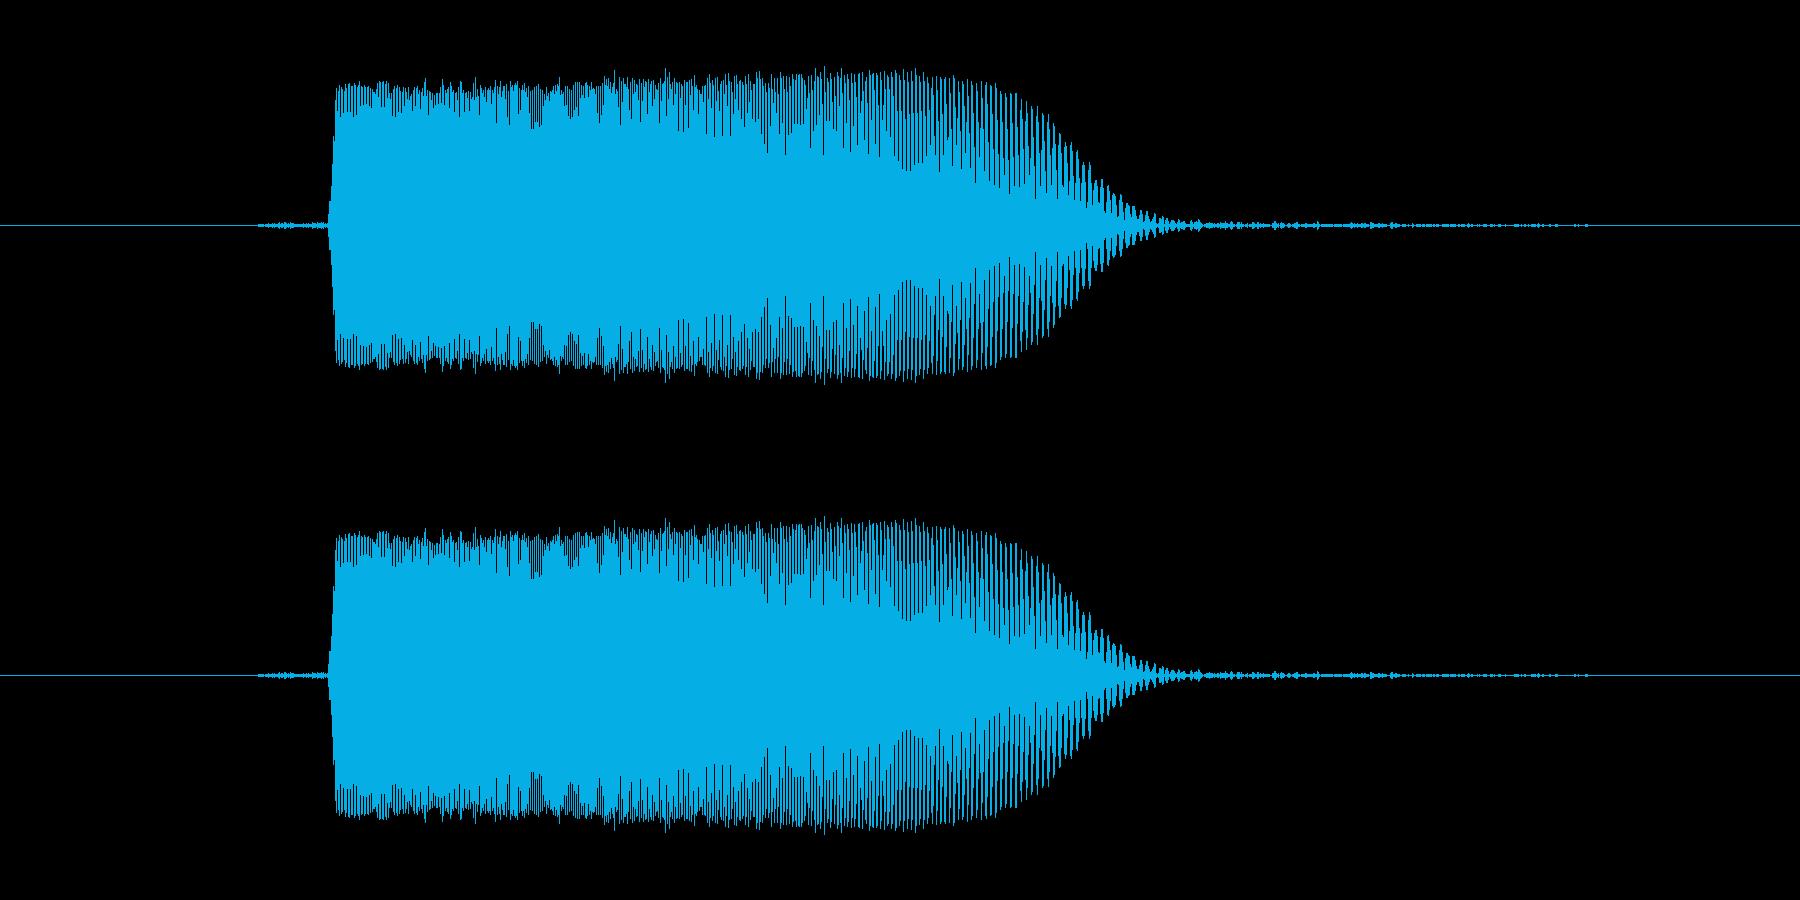 キュッ(キャンセル,電子音)の再生済みの波形